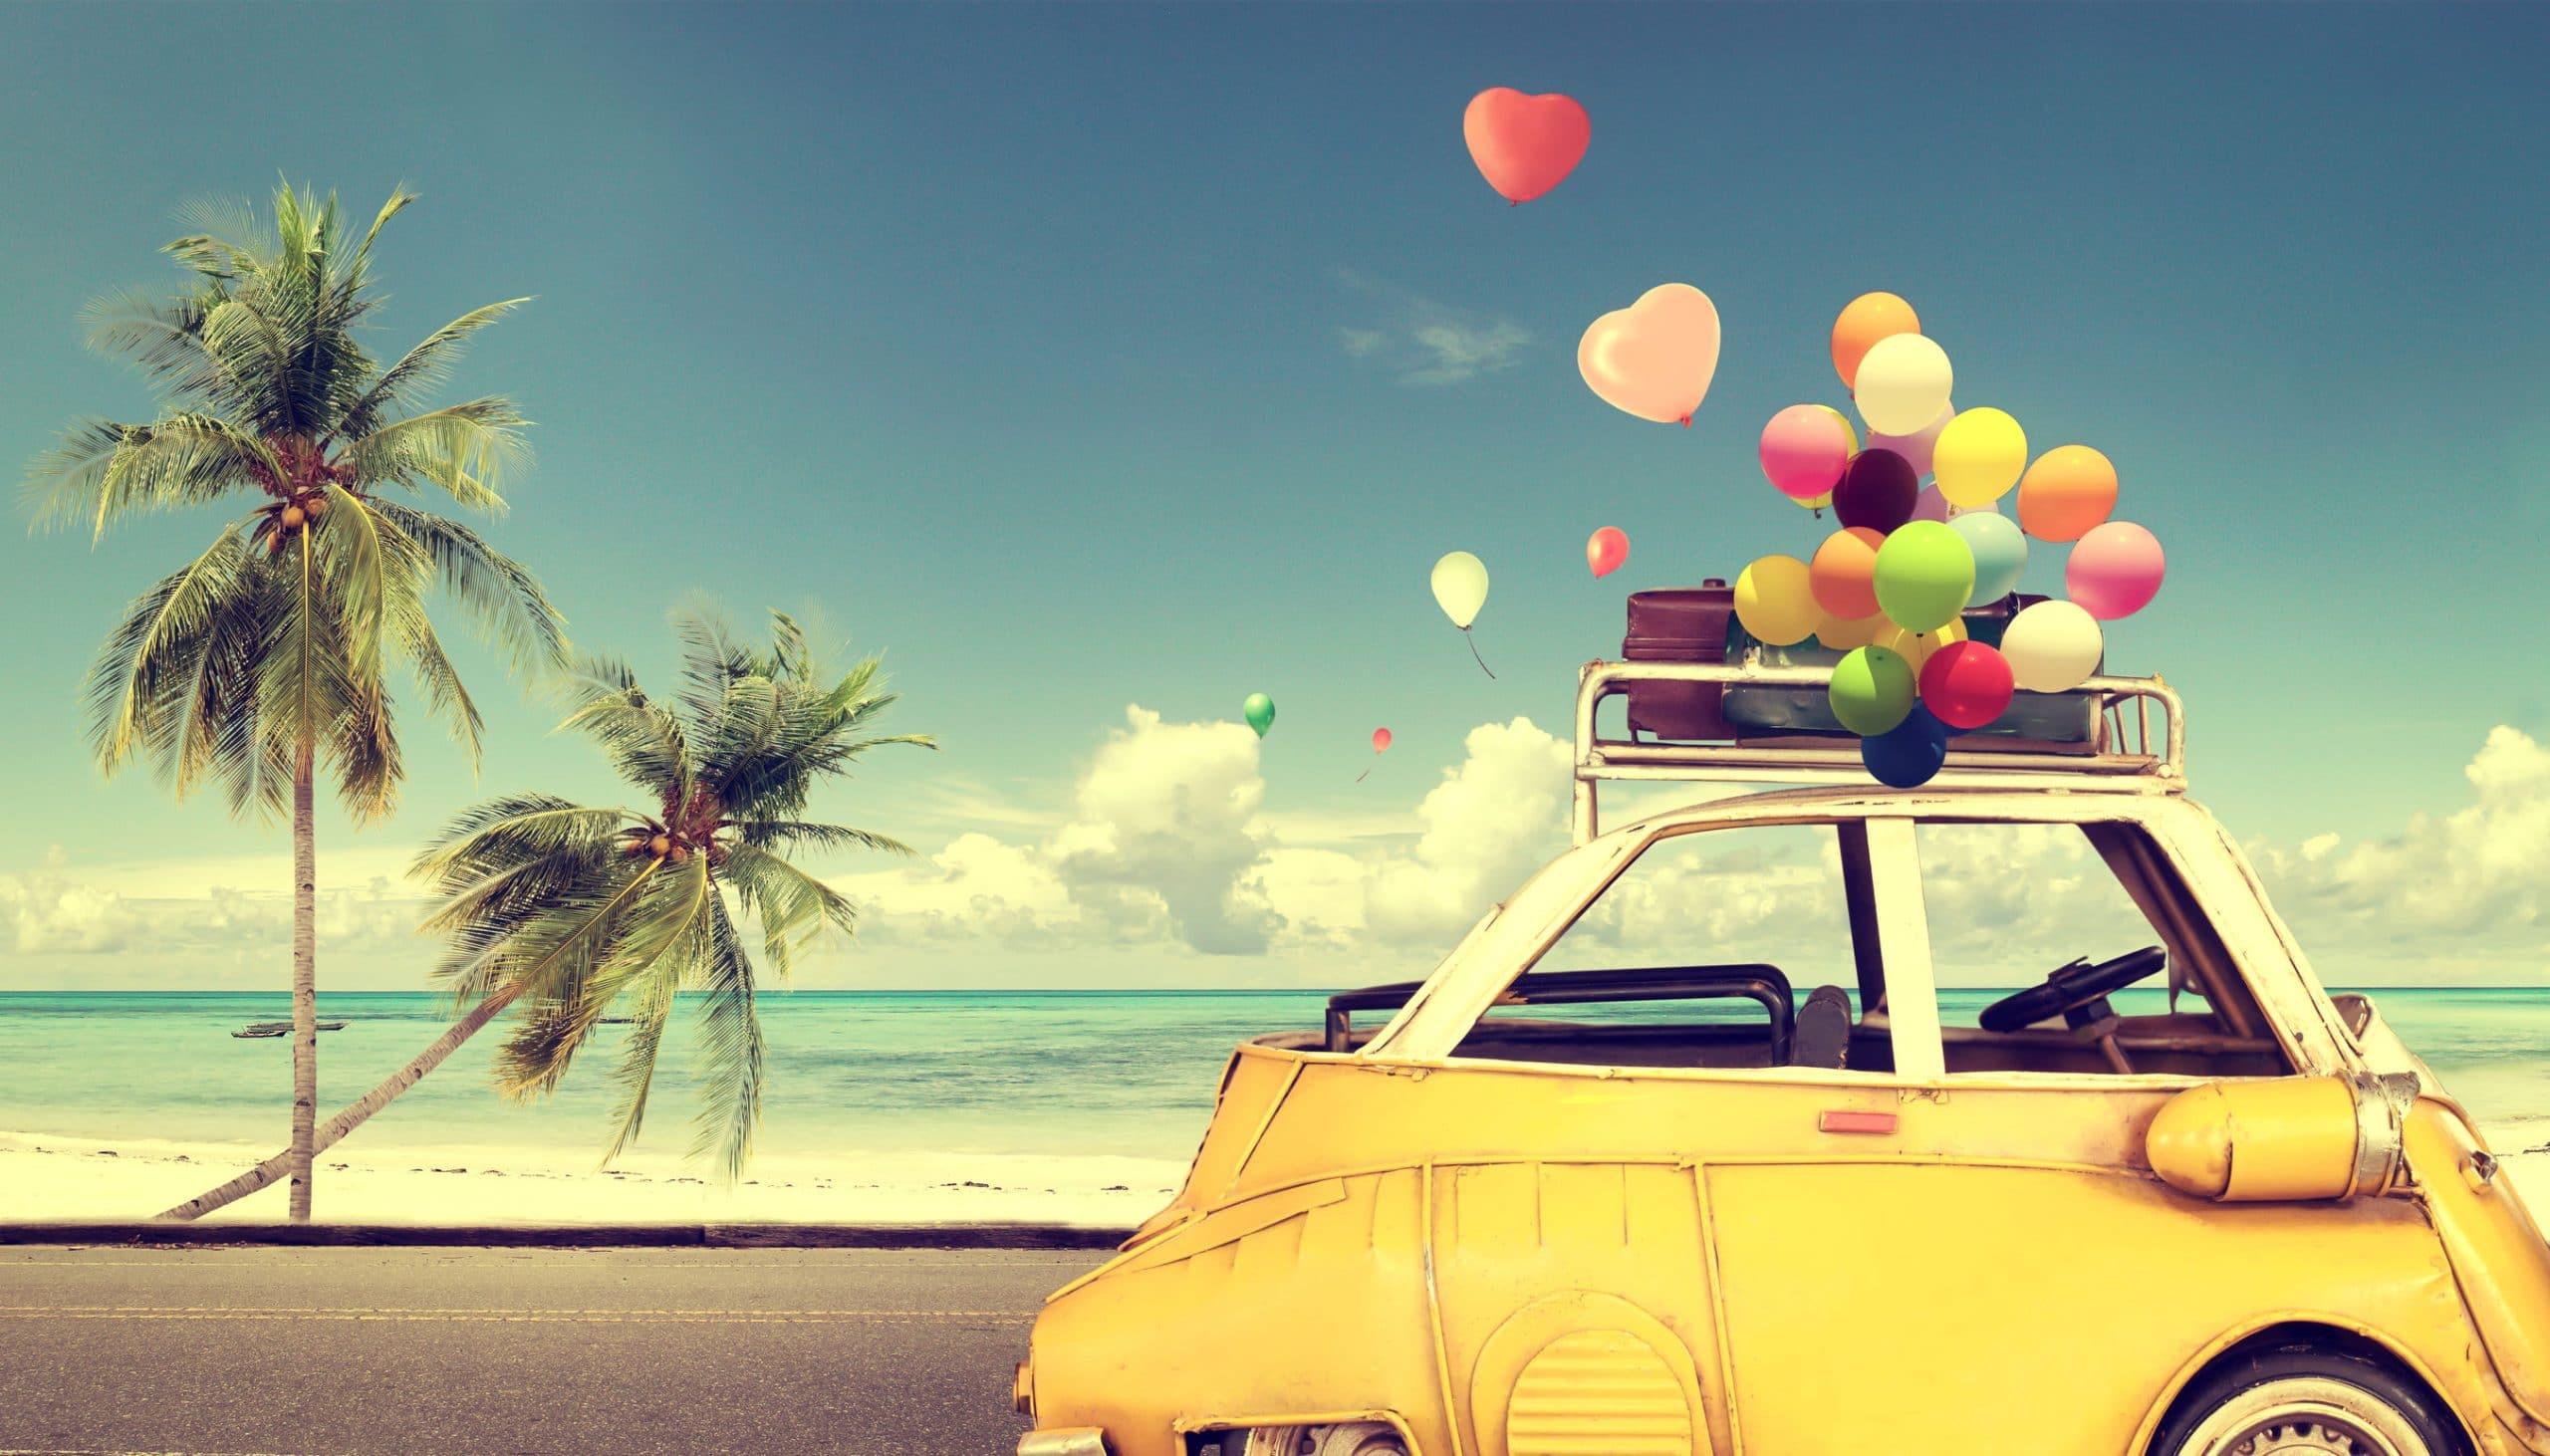 Carro amarelo andando na orla de uma praia, em cima dele, há algumas pequenas bagagens e balões coloridos voando conforme o vento.